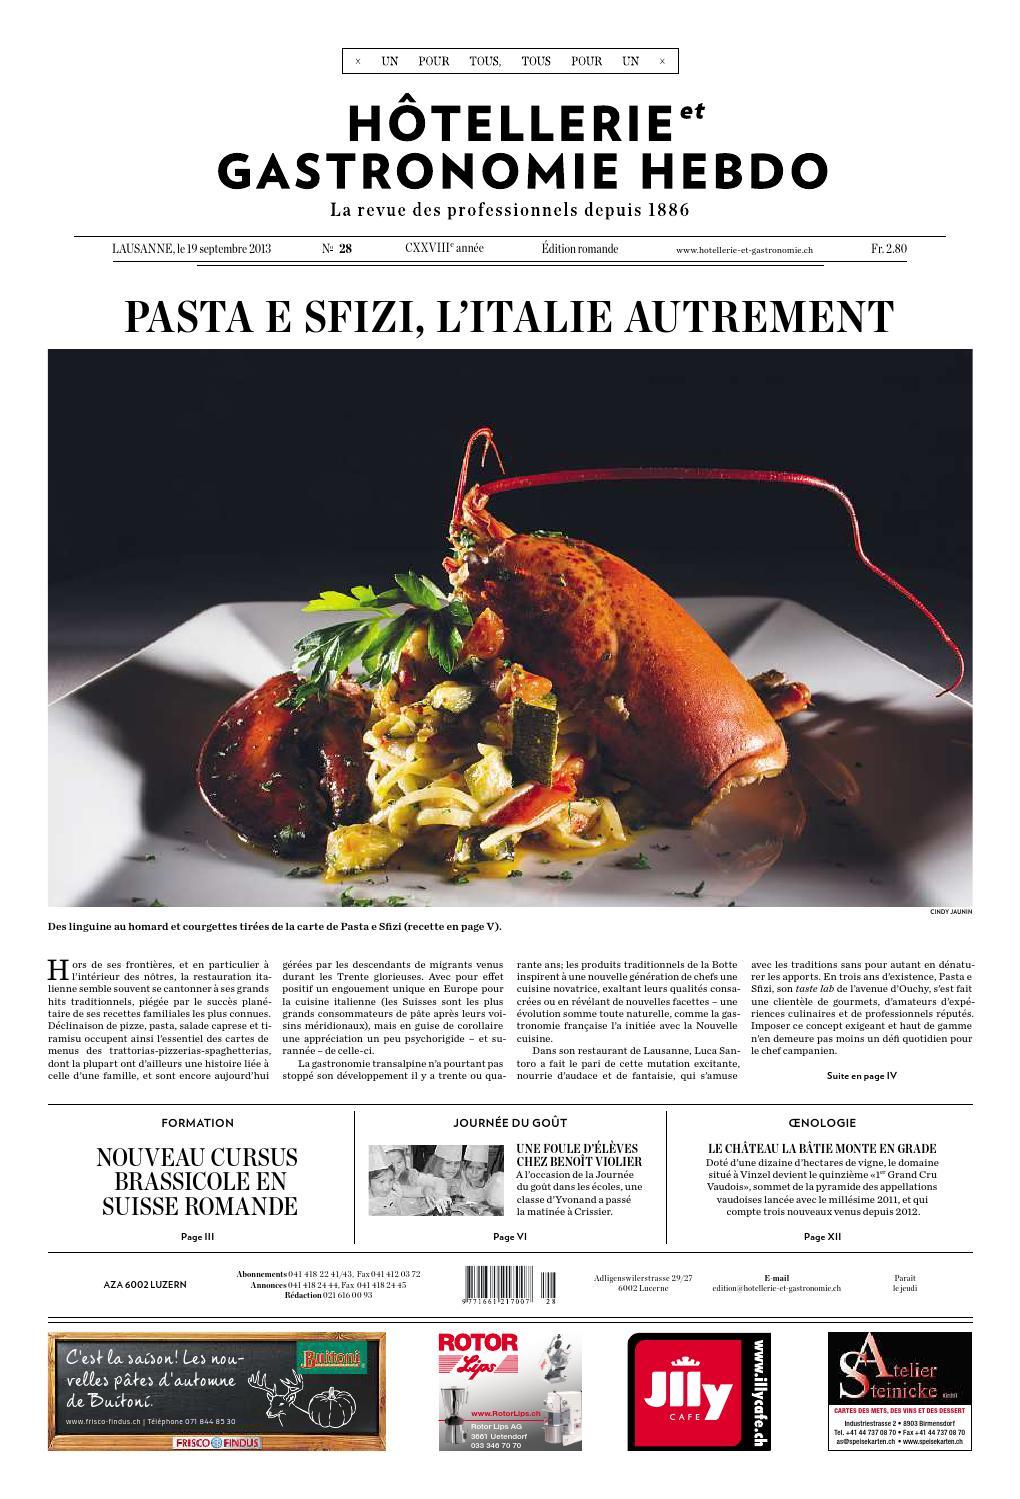 HetG-Hebdo 28/2013 by Hotellerie_Gastronomie_Verlag - issuu